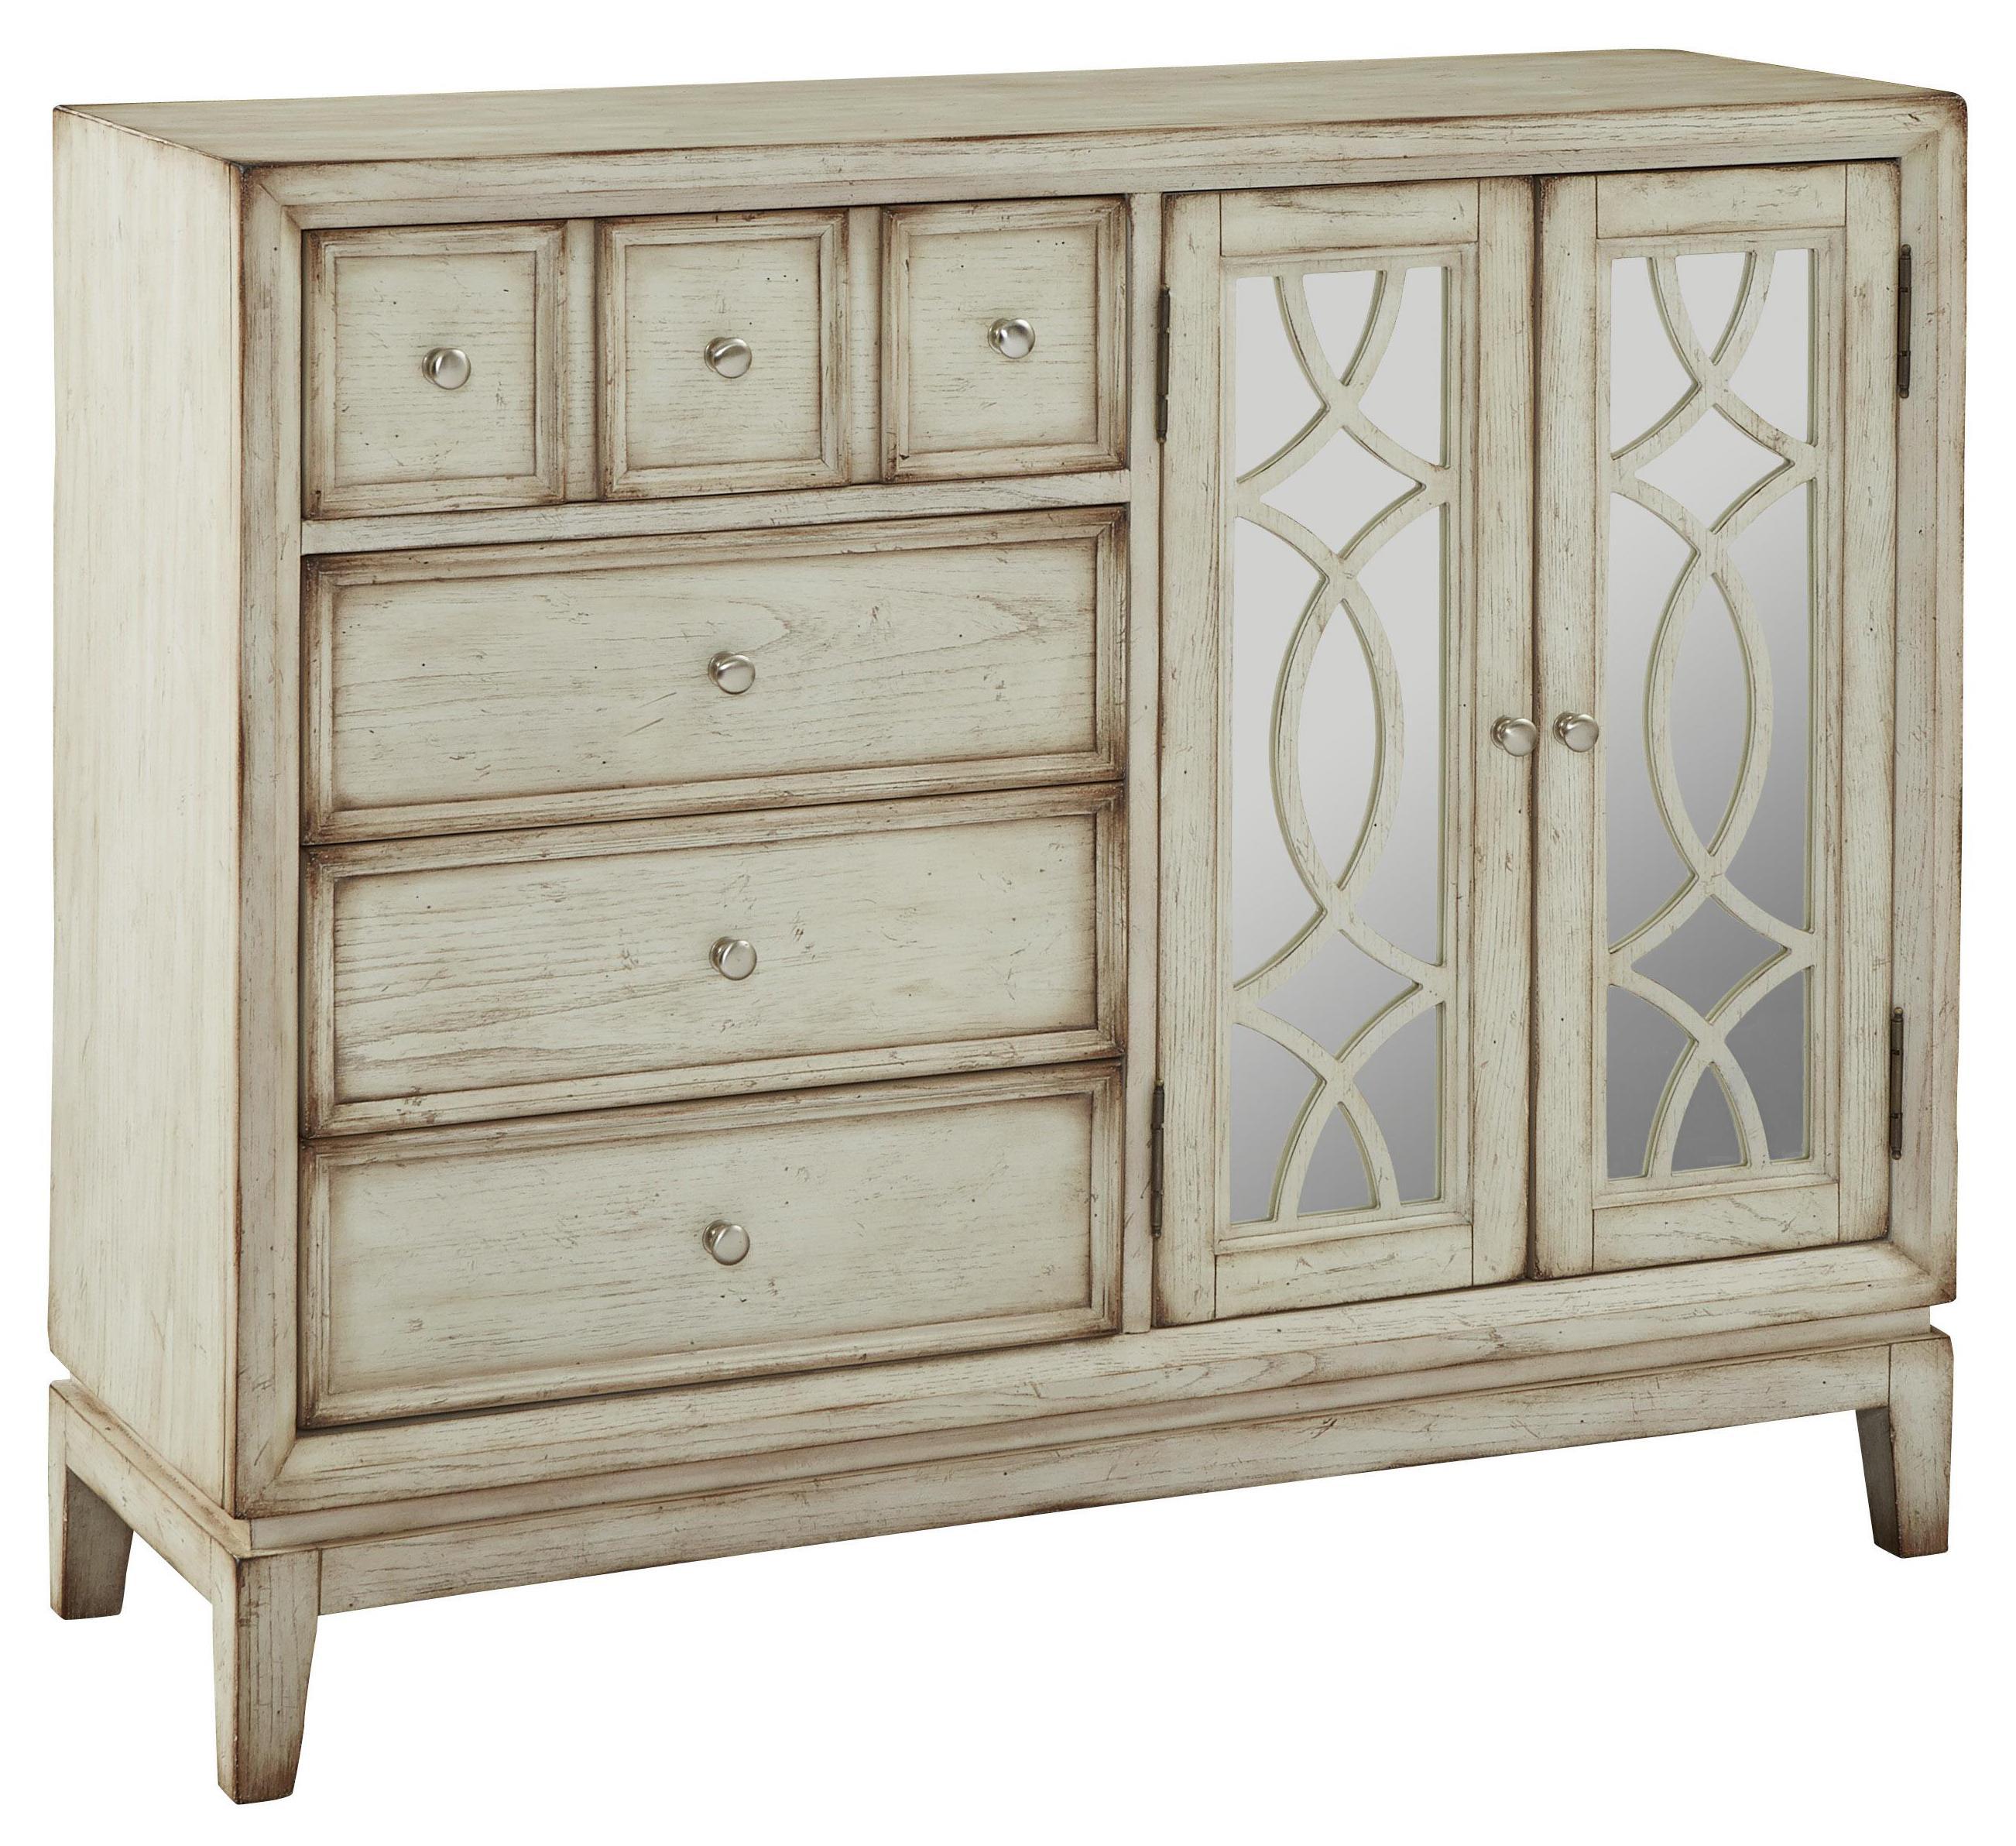 Pulaski furniture accents 766158 wine cabinet dunk for Pulaski furniture